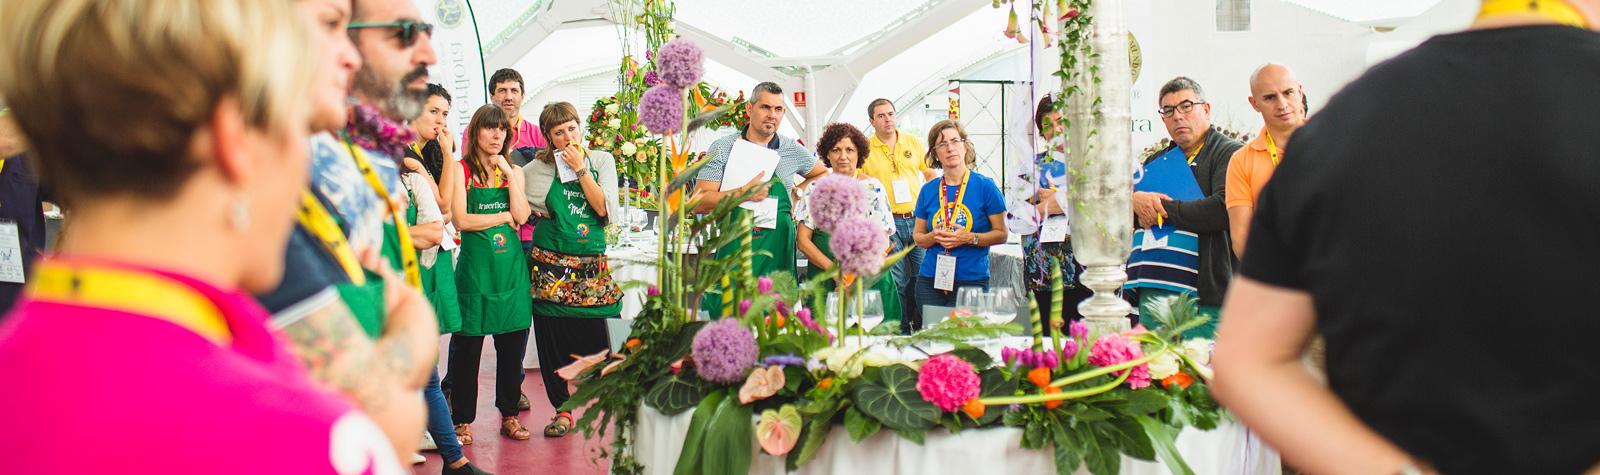 MAF. Mejor Artesano Florista 2015. Ampliación